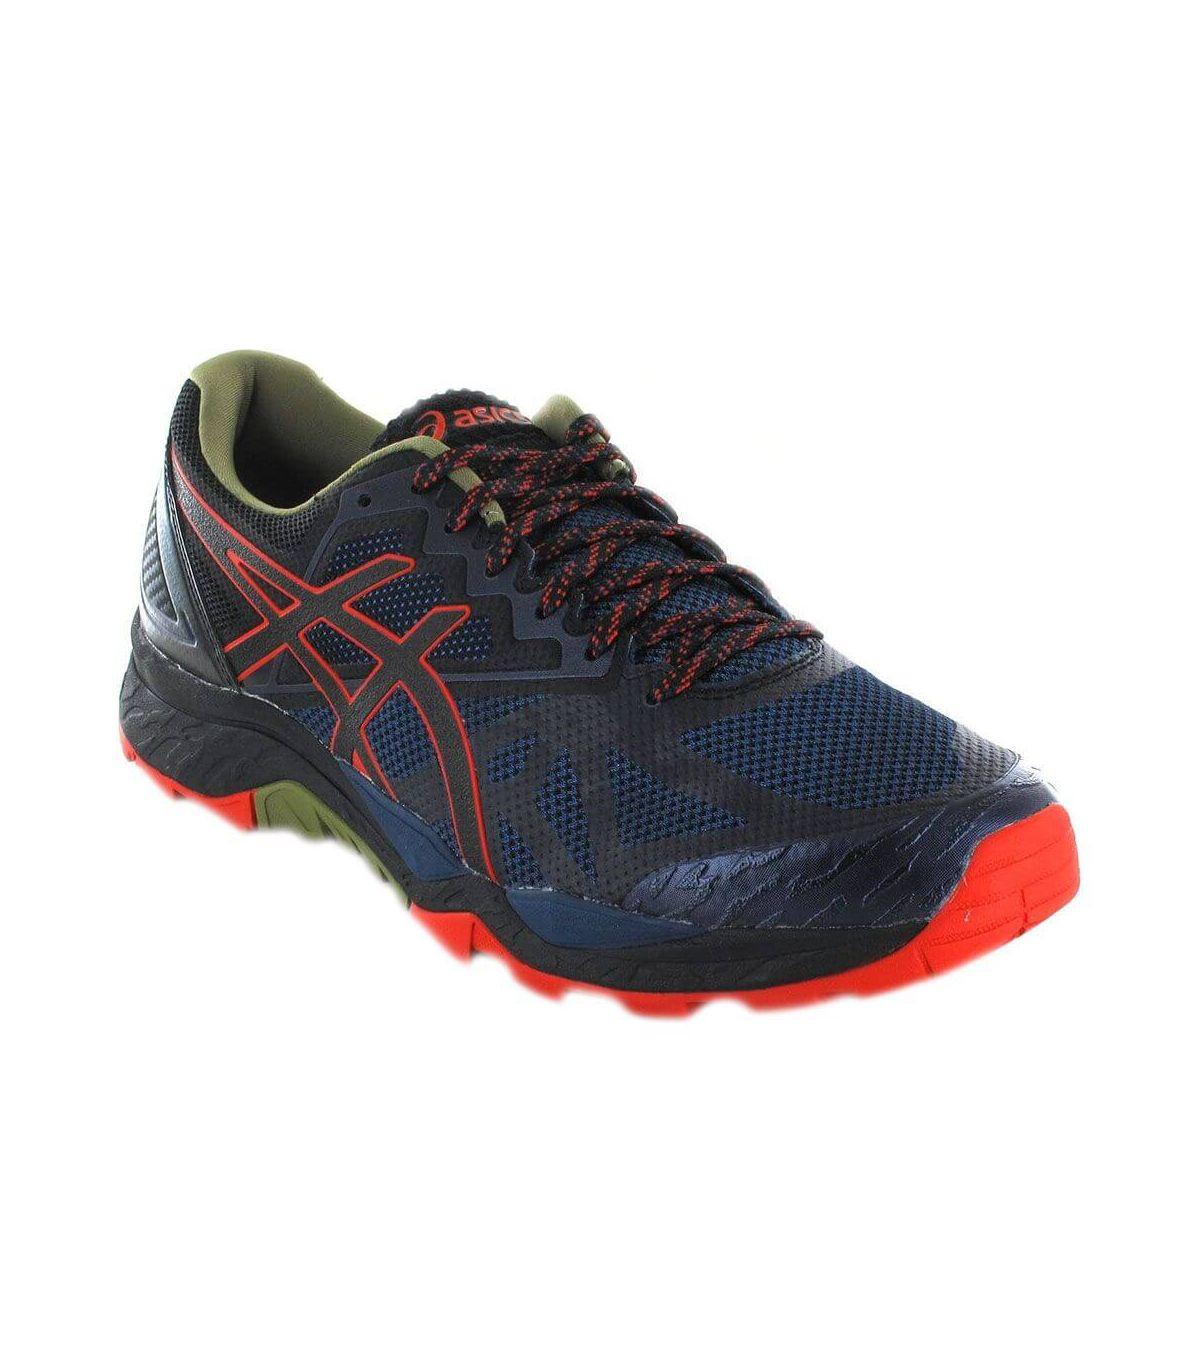 Asics Gel FujiTrabuco 6 Azul Asics Zapatillas Trail Running Hombre Zapatillas Trail Running Tallas: 40,5, 41,5; Color: